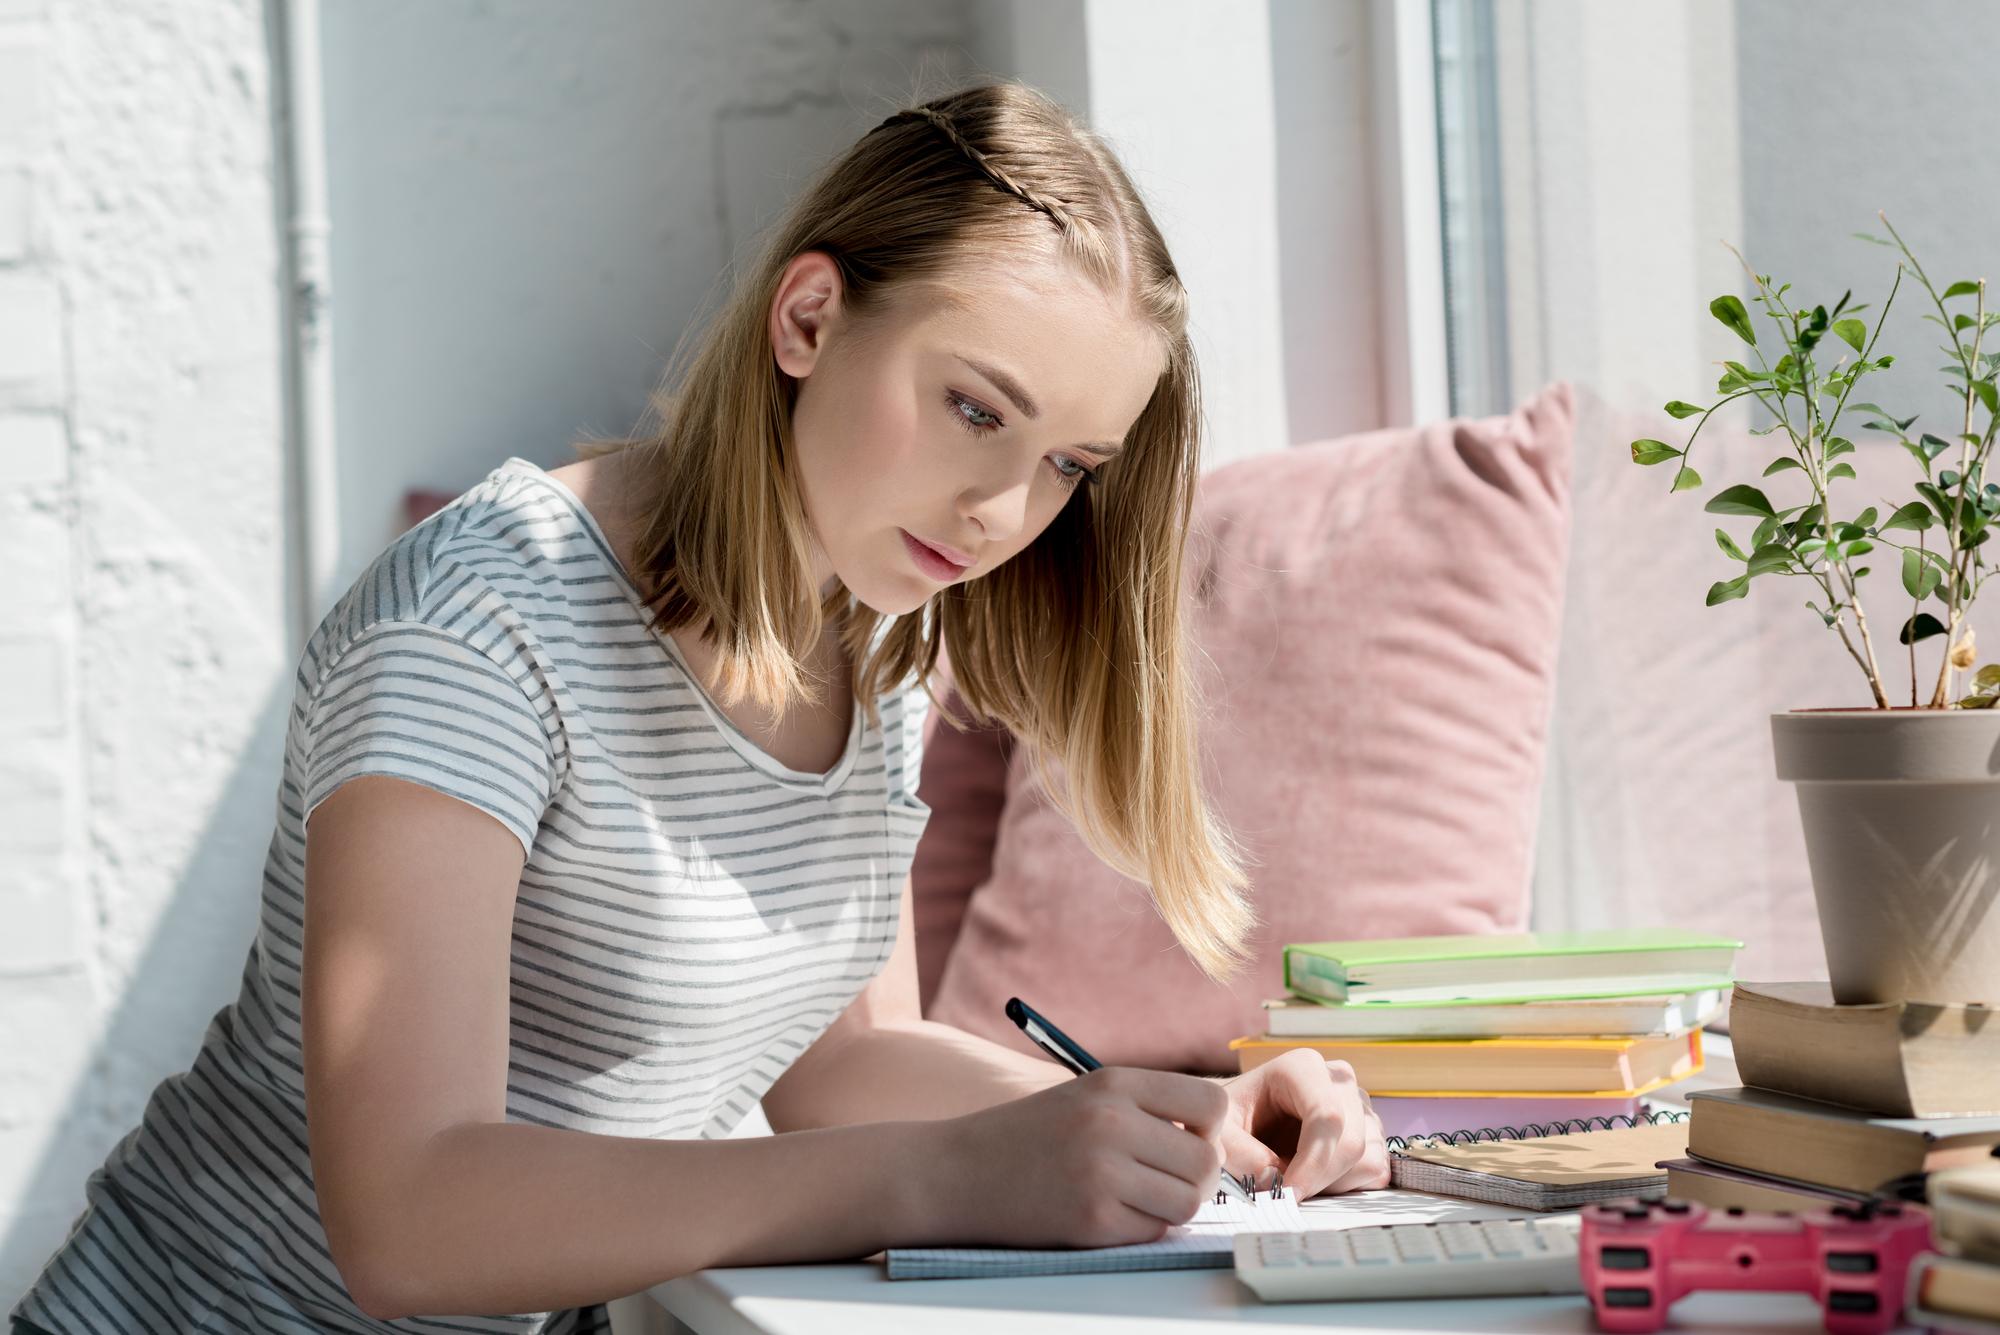 Рассмотрены поправки о дополнительном налоговом вычете для самозанятых до 18 лет